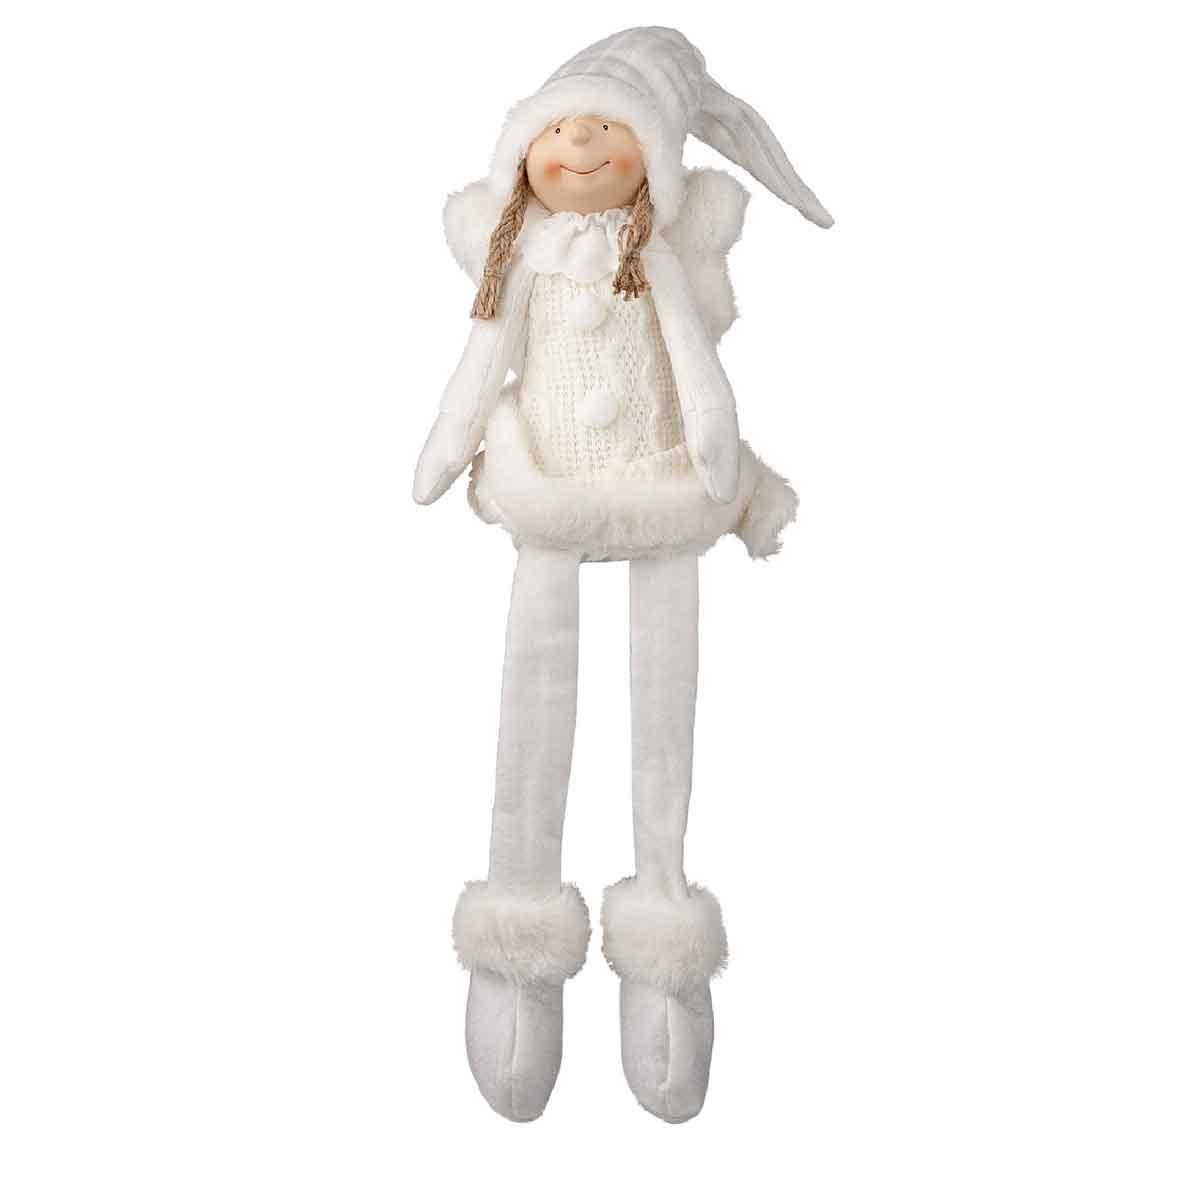 Angelo da mensola con gambe penzolanti